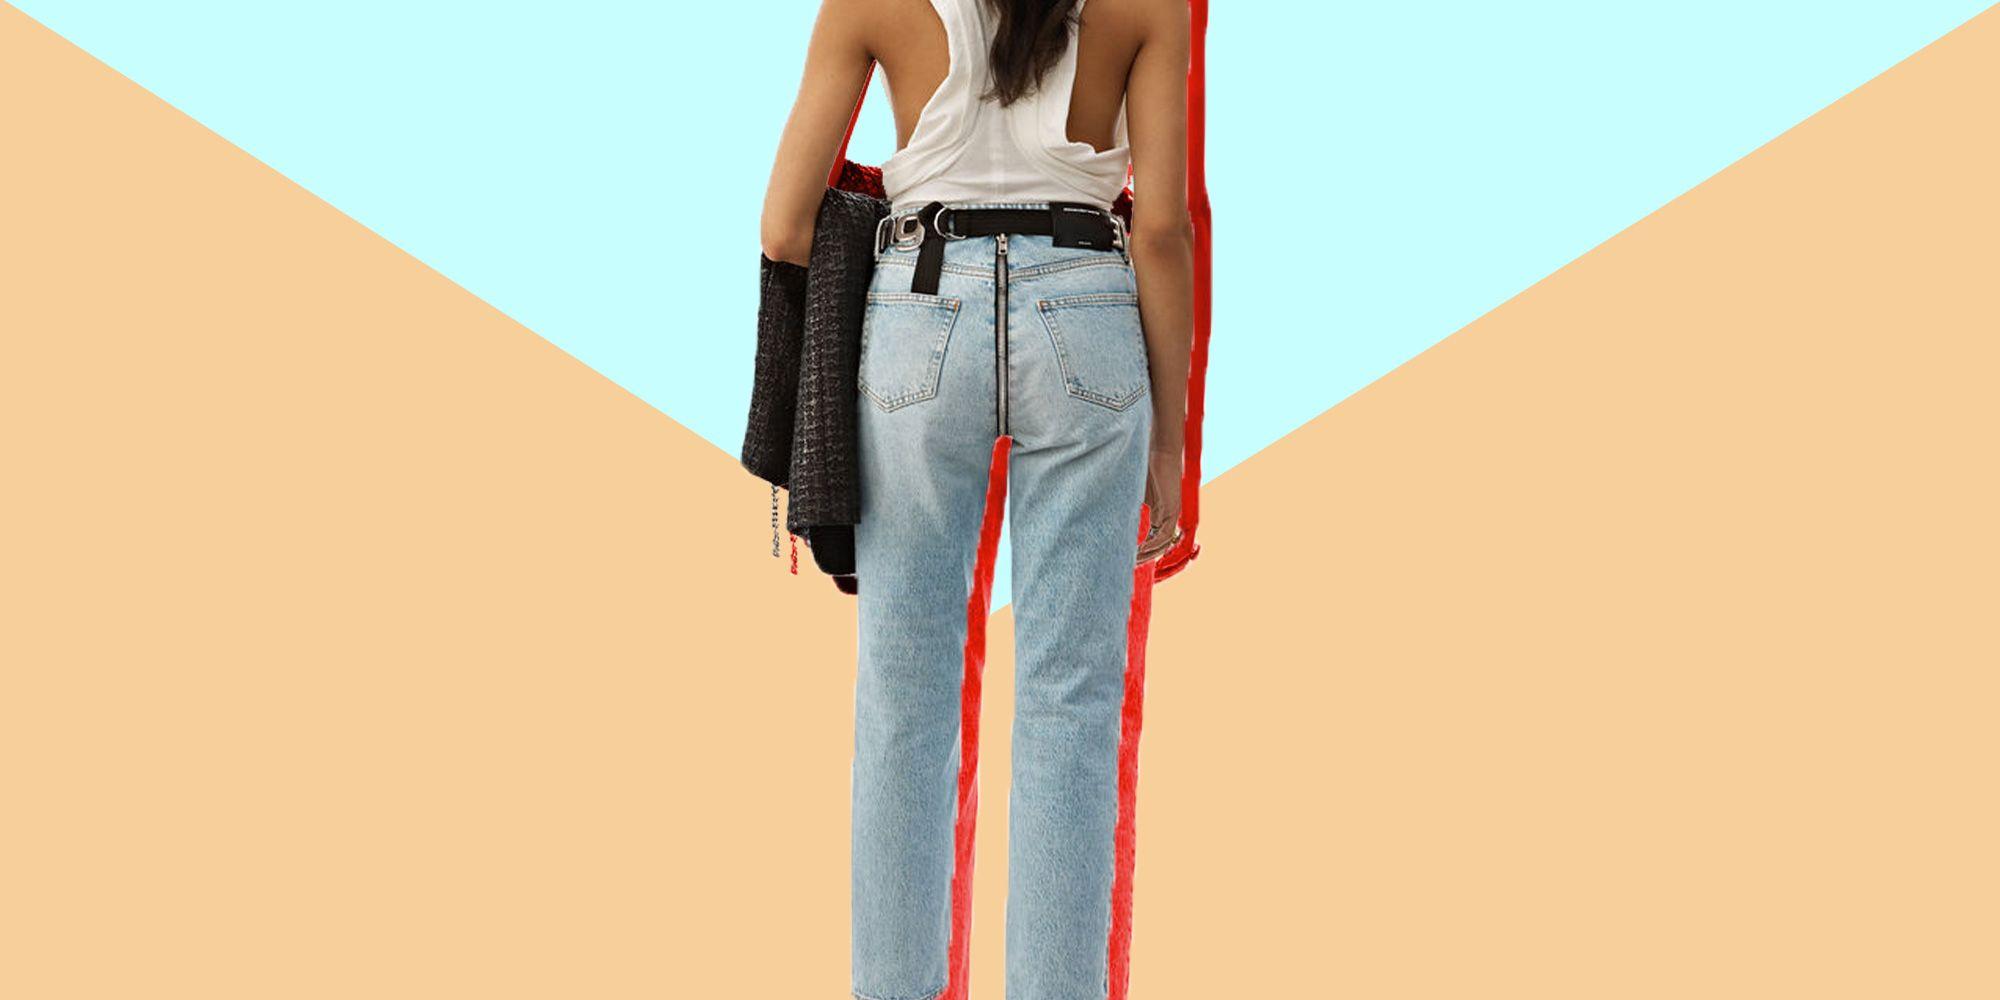 e5bdb5b729bd jeans-primavera-estate -2019-alexander-wang-jeans-zip-sedere-foto-1550506660.jpg